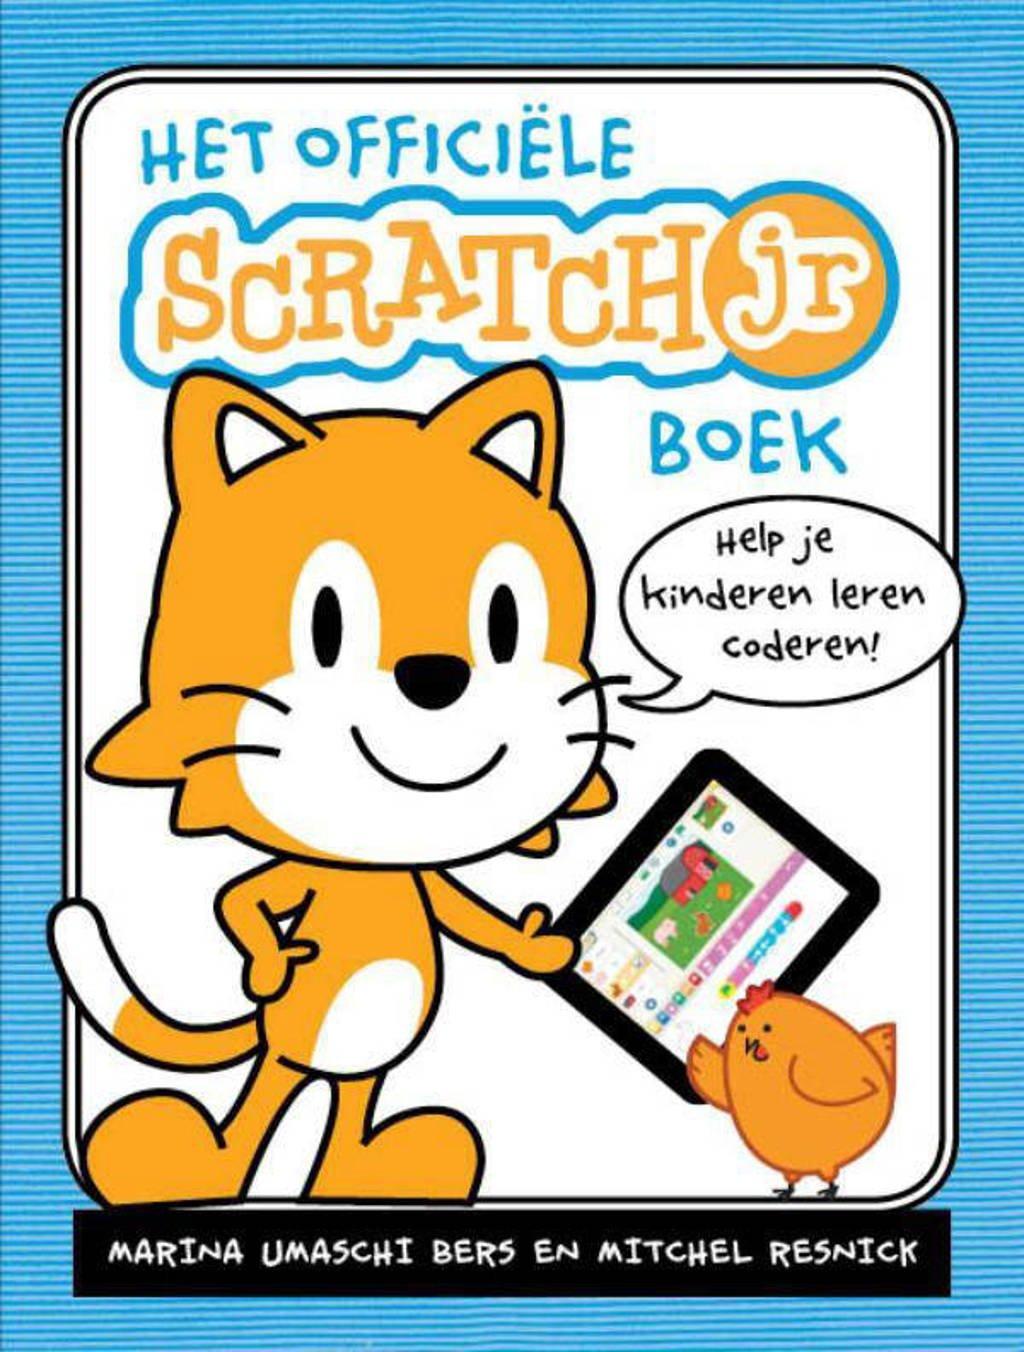 Het officiële ScratchJr boek - Marina Umaschi Bers en Mitchel Resnick